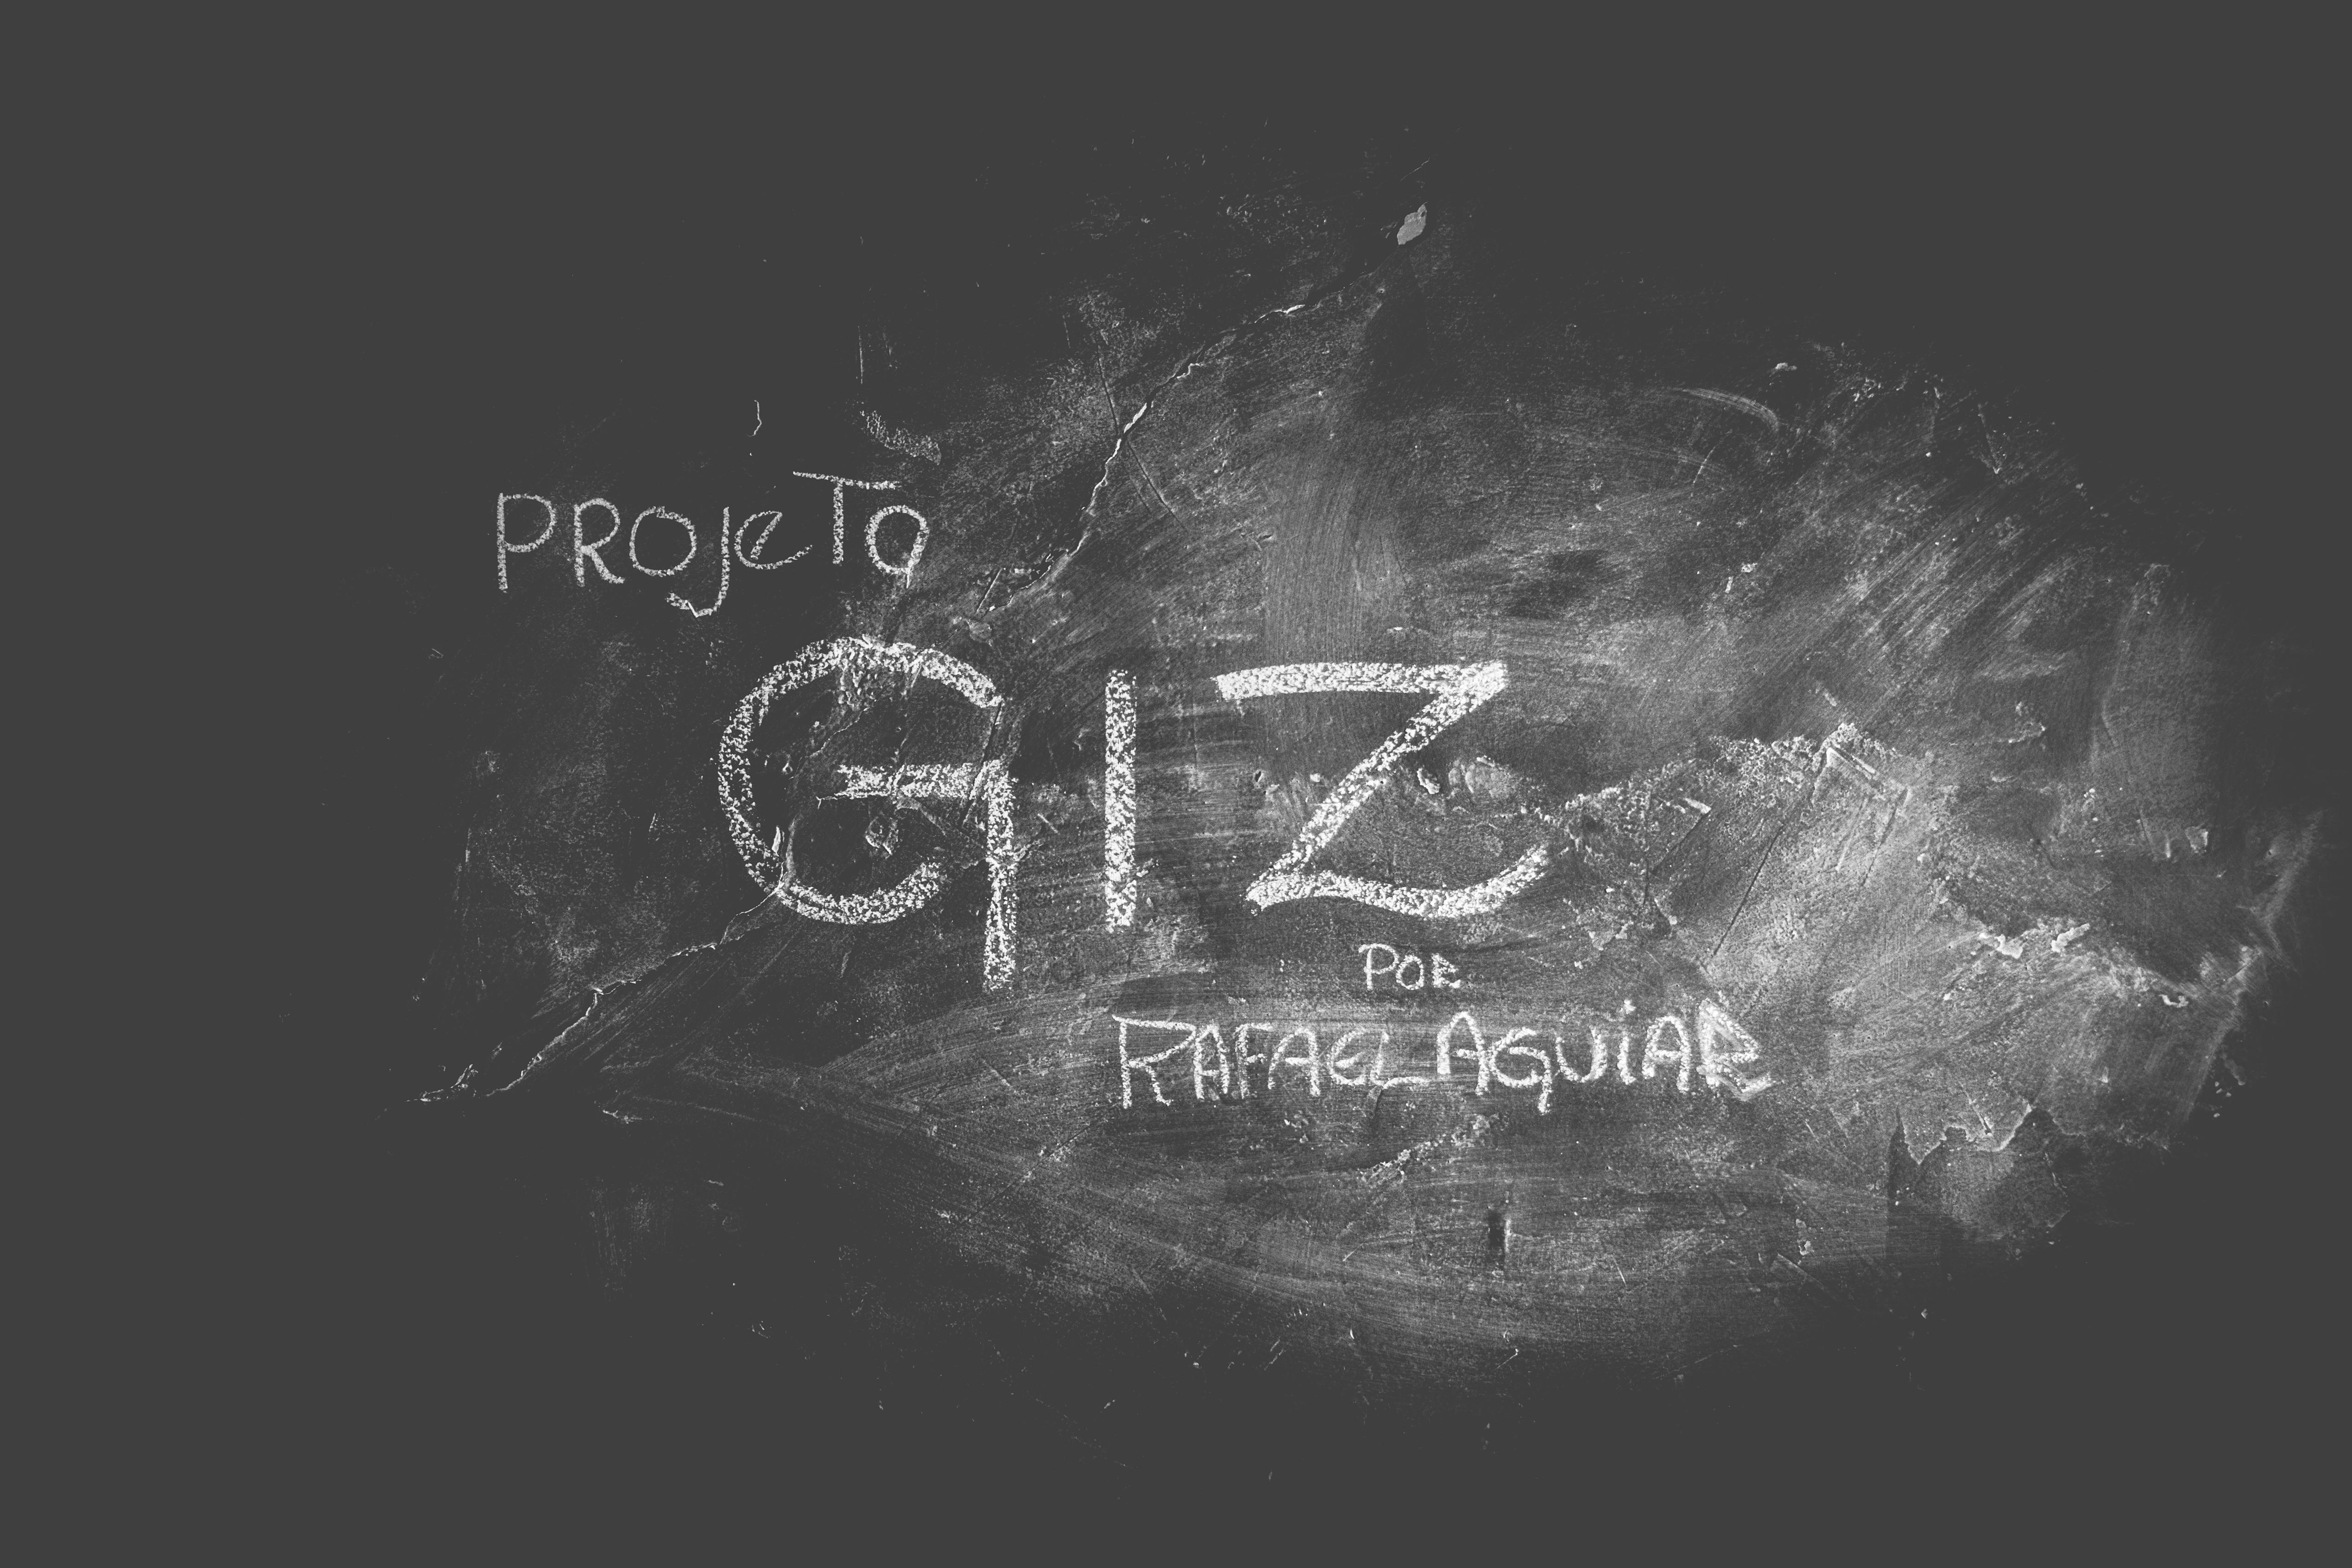 Projeto-GIZ-Rafael-Aguiar-desenhos-nu-artistico-dionisio-arte (1)